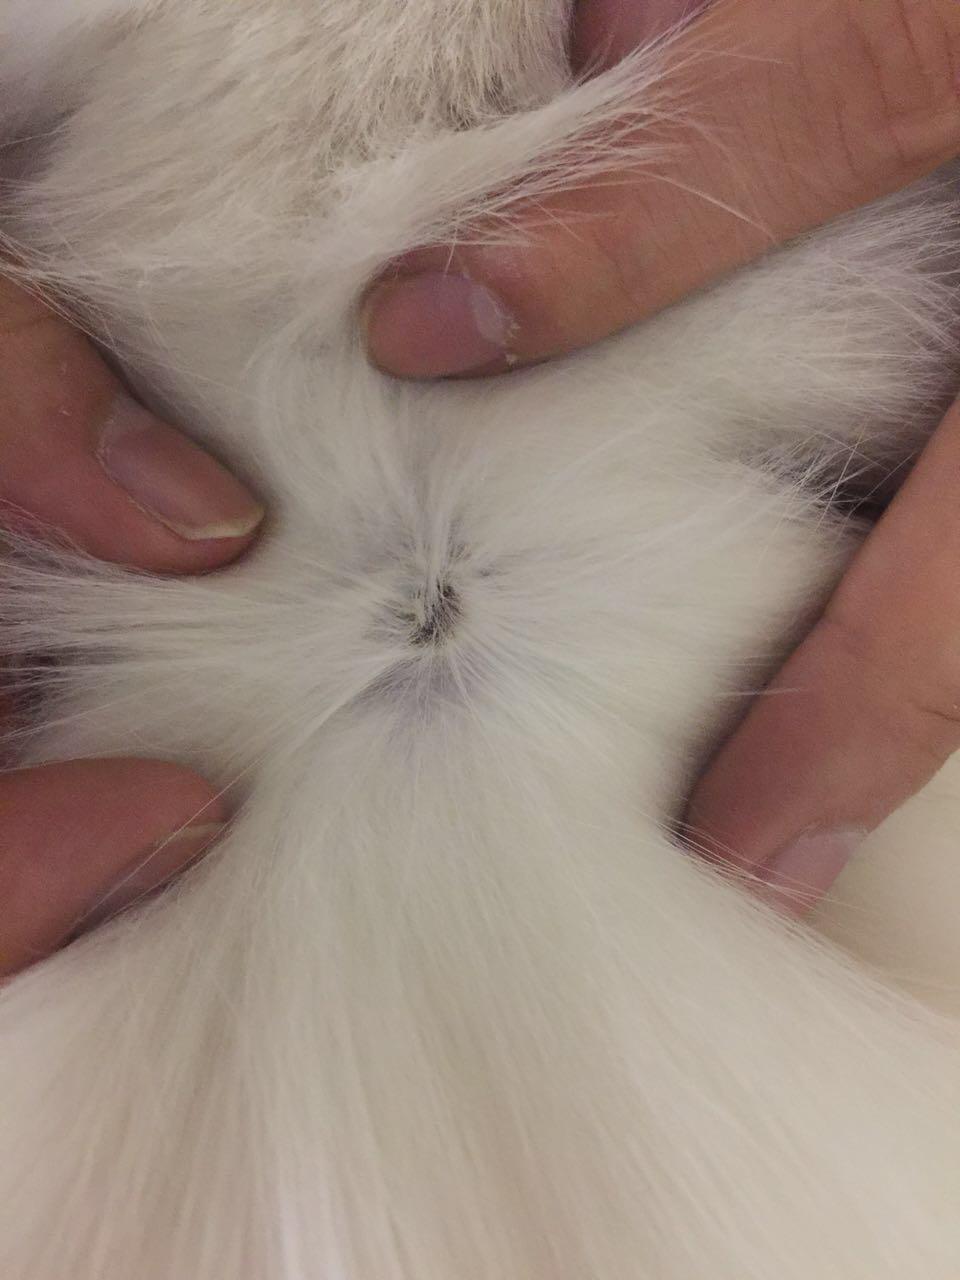 猫咪因为外伤秃了一块儿毛怎么办?